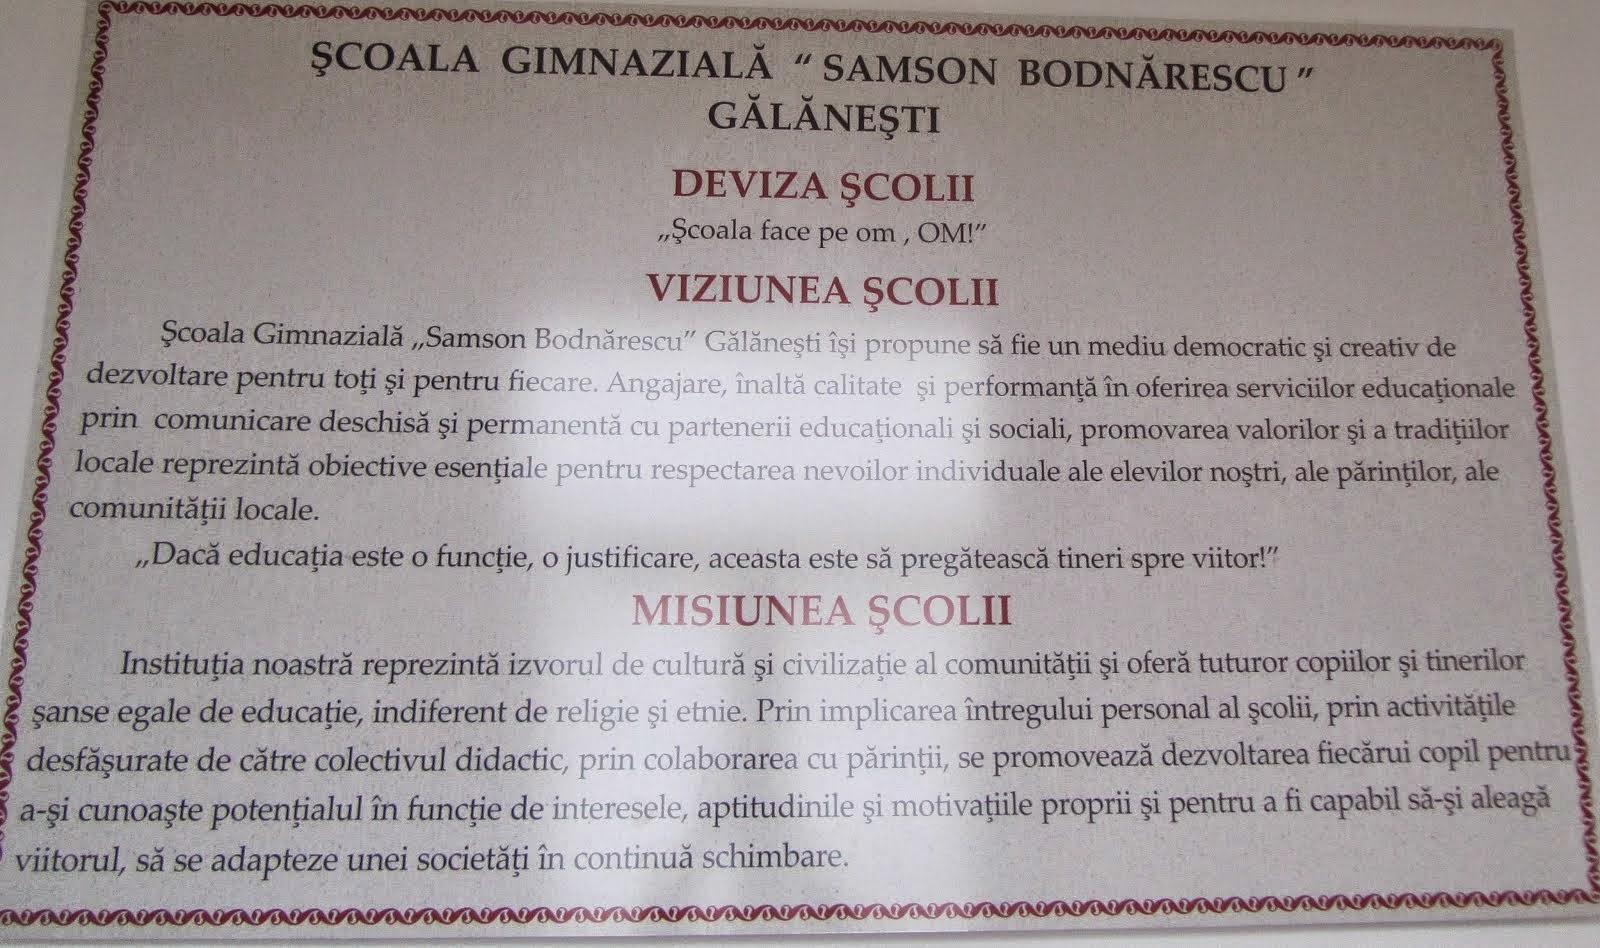 DEVIZA-VIZIUNEA-MISIUNEA SCOLII